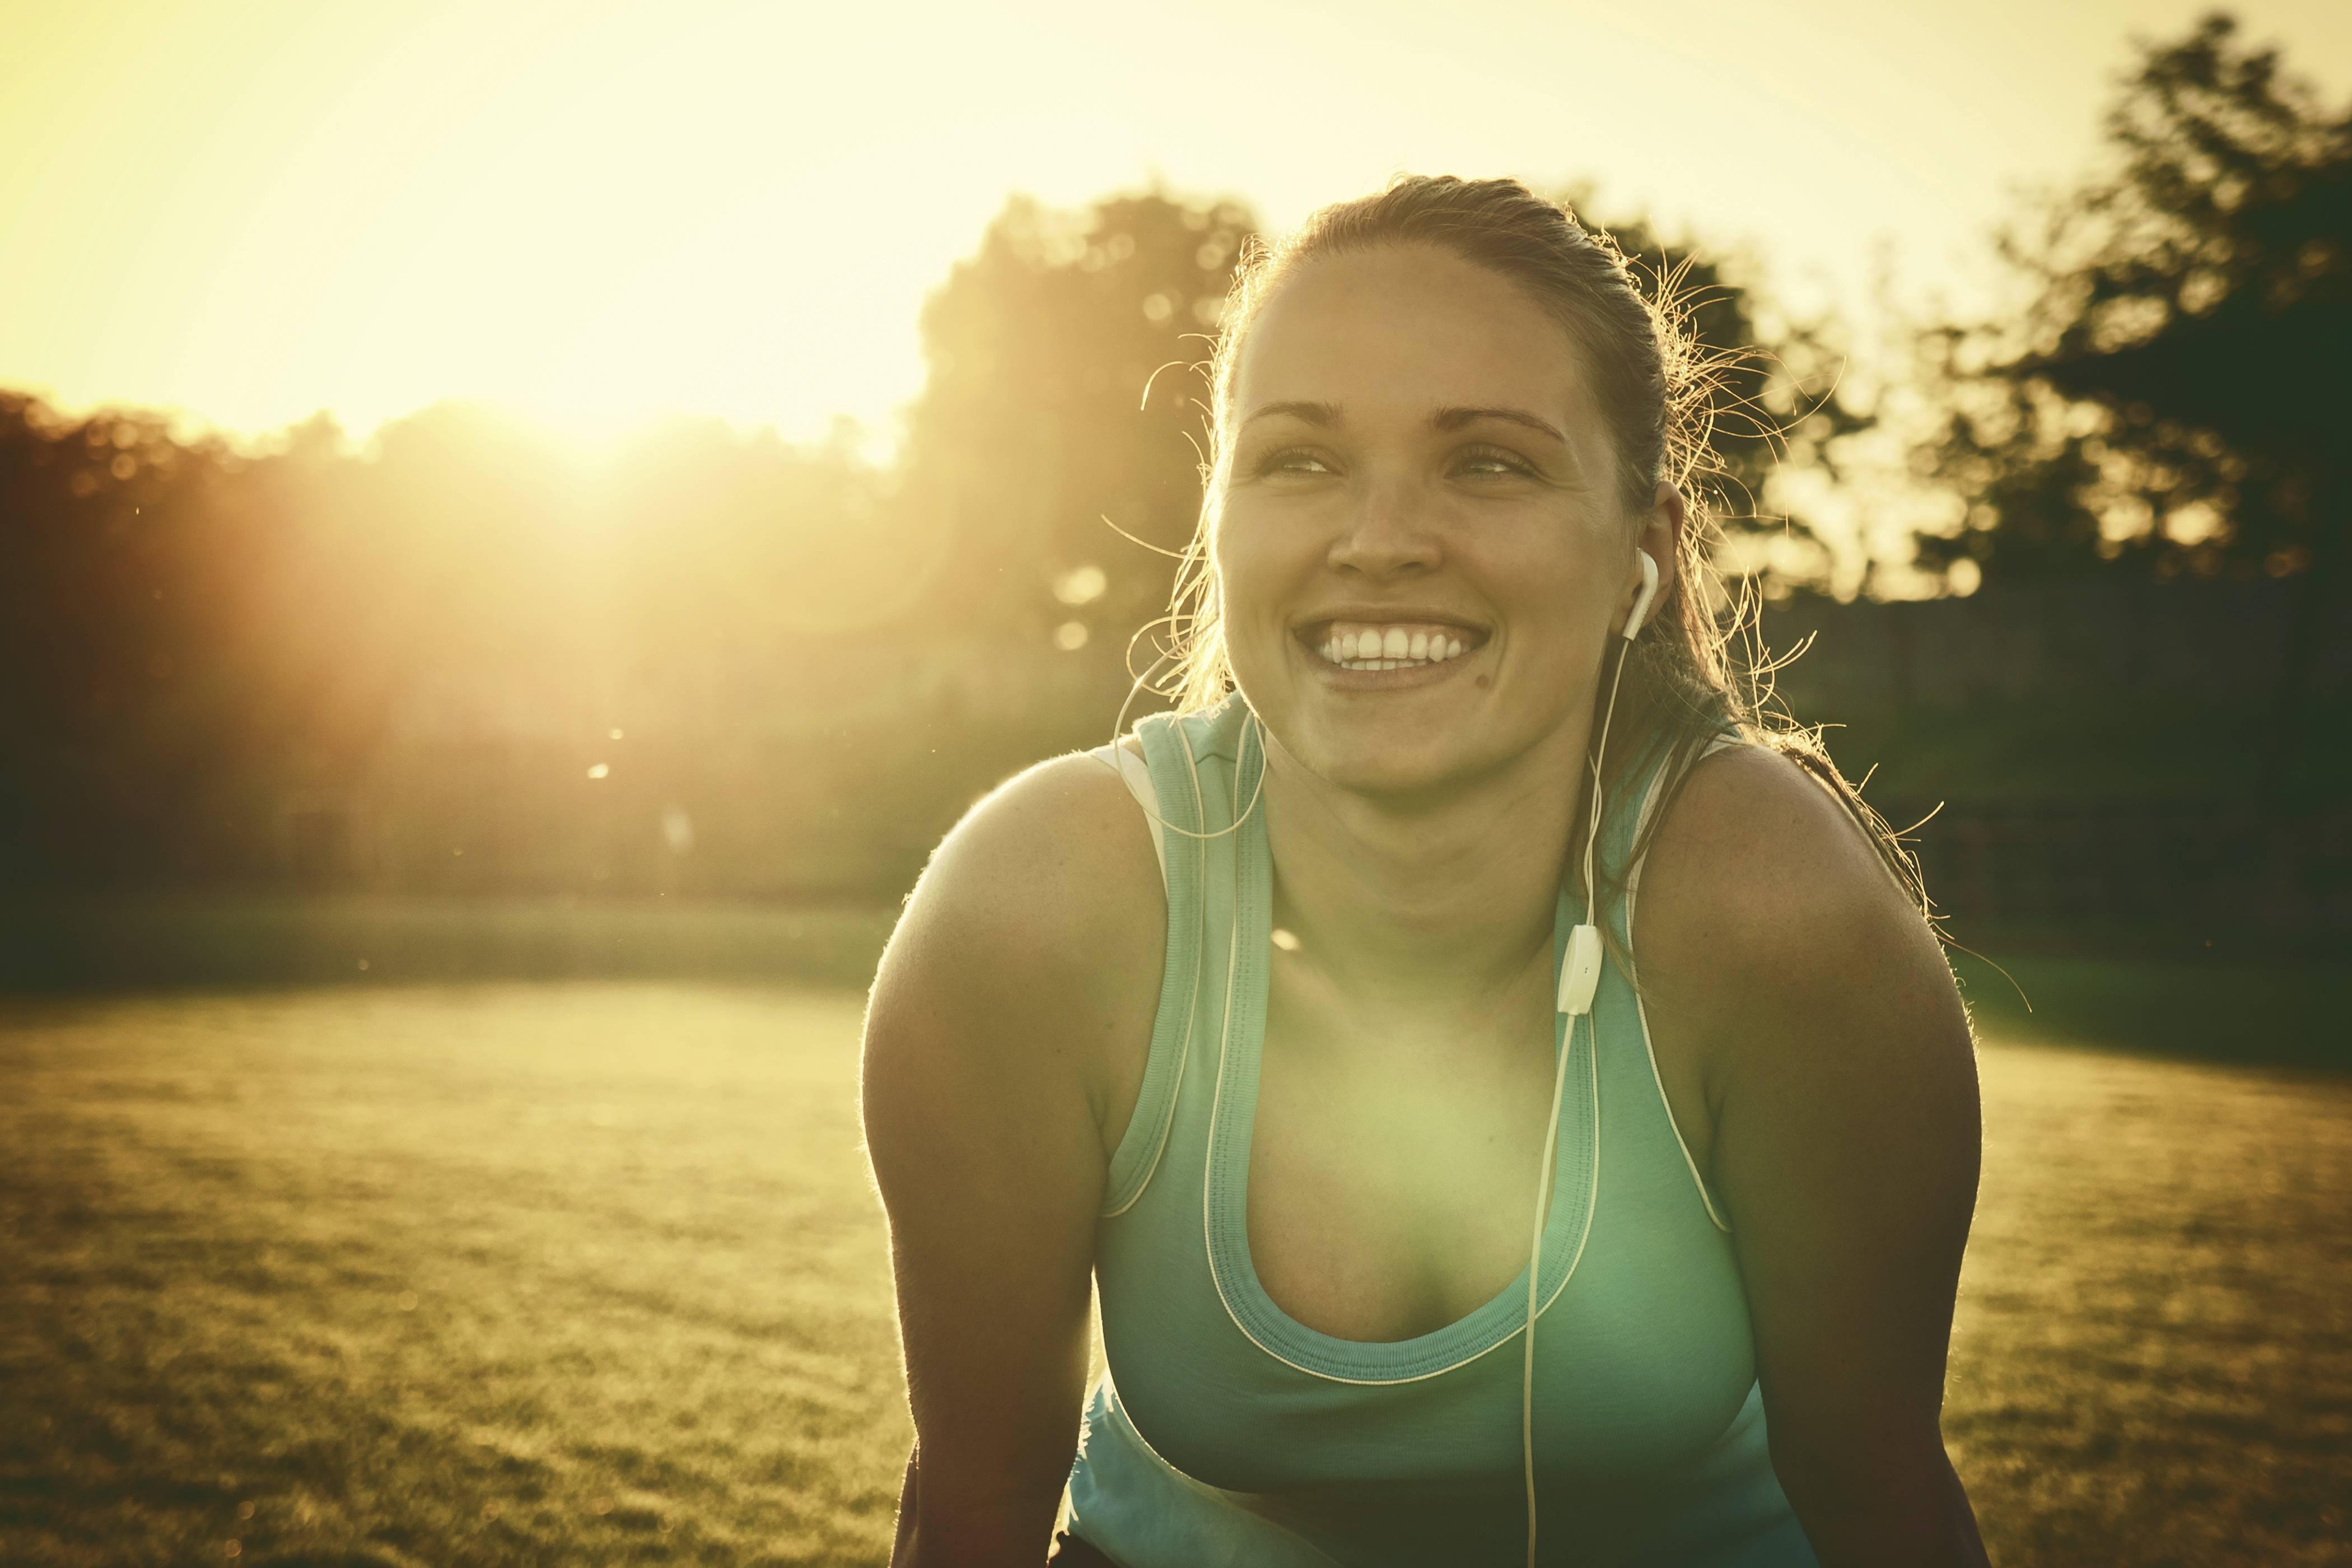 La dieta afecta más de lo que creemos a nuestro estado de ánimo